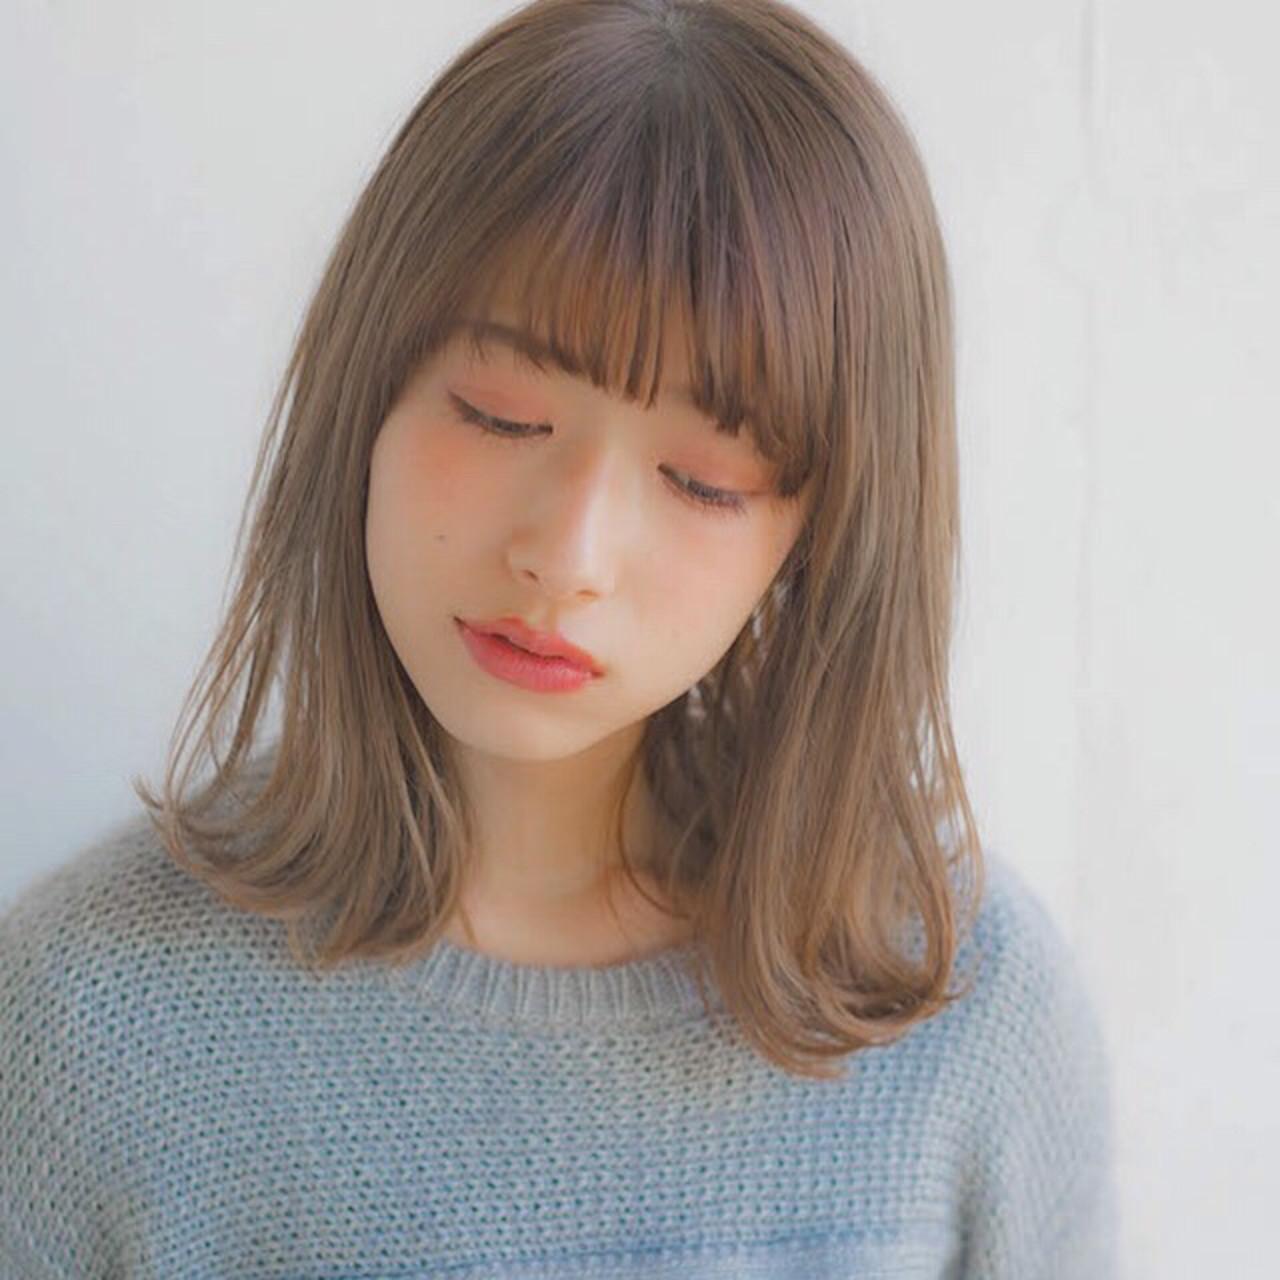 トレンド・ネオフェミニンなほつれヘア 竹澤 優/relian銀座Top stylist